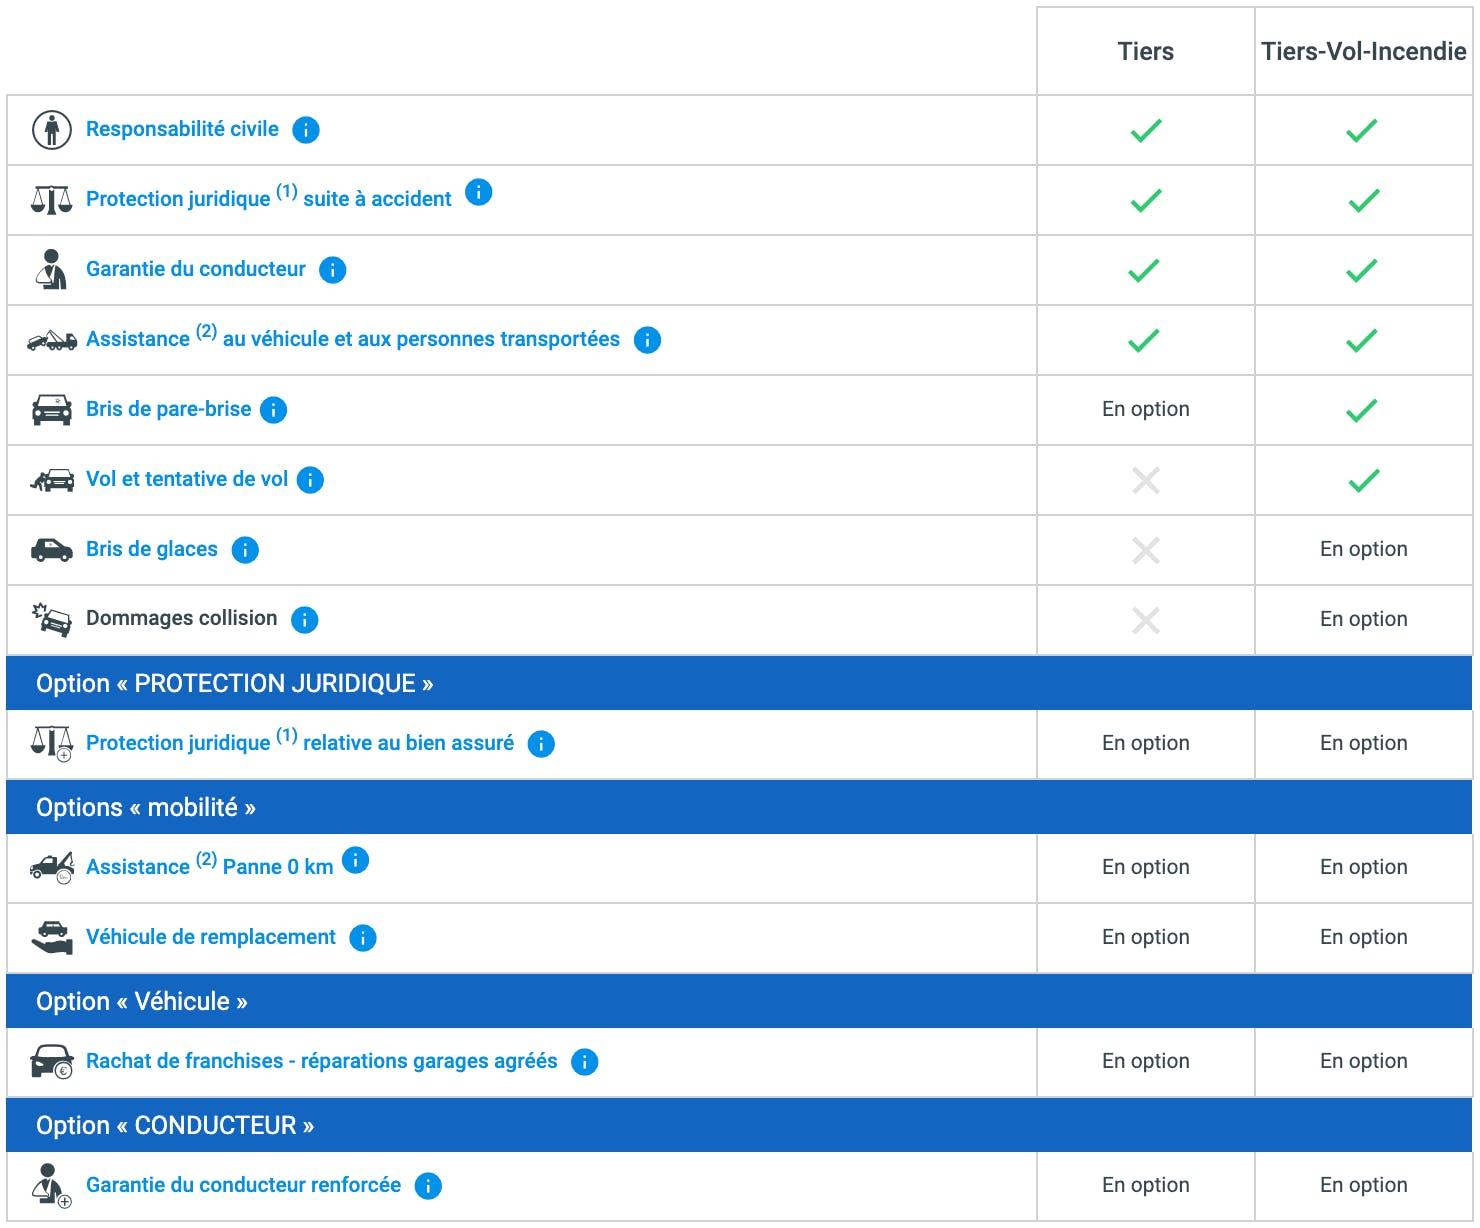 Tableau de comparaison des garanties auto Matmut pour les formules auto au Tiers (Tiers et Tiers-Vol-Incendie)